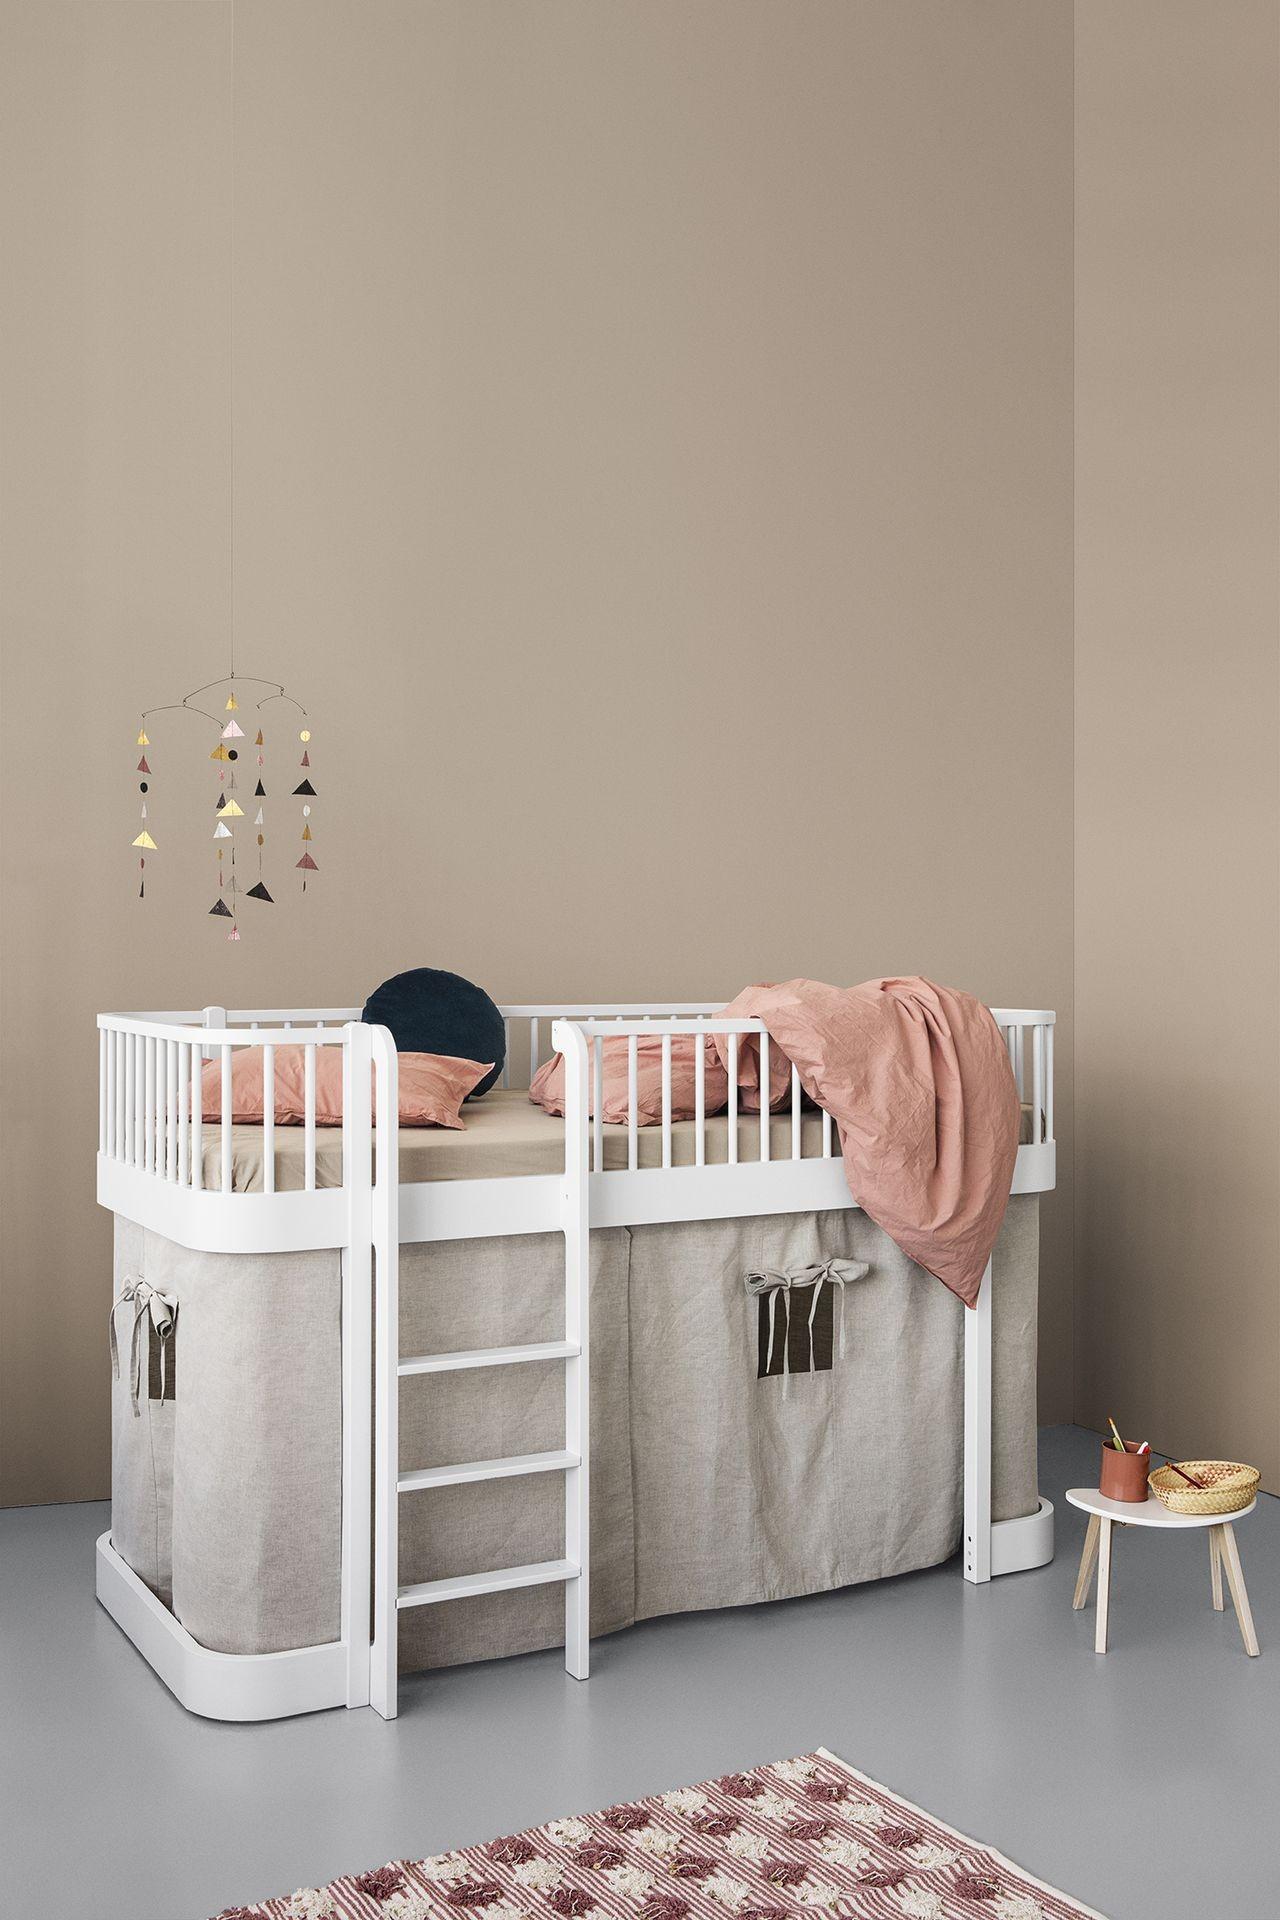 Oliver Furniture Wood niedriges Hochbett - Kleine Fabriek